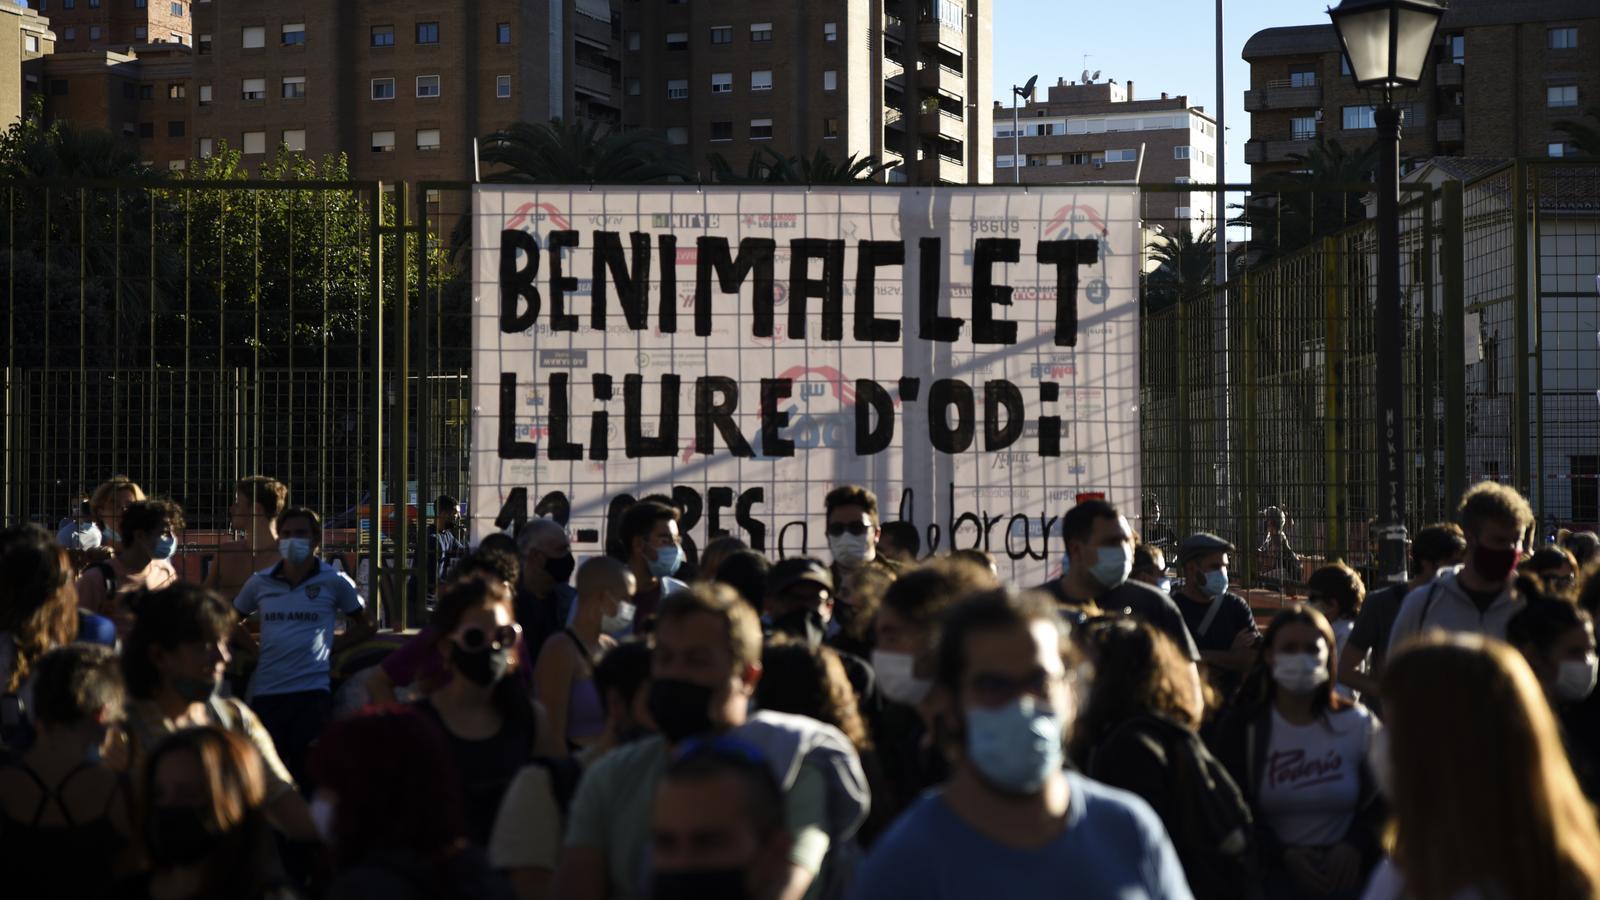 Alguns dels ciutadans que van participar en la mobilització veïnal contra una marxa de l'extrema dreta al barri de Benimaclet de València